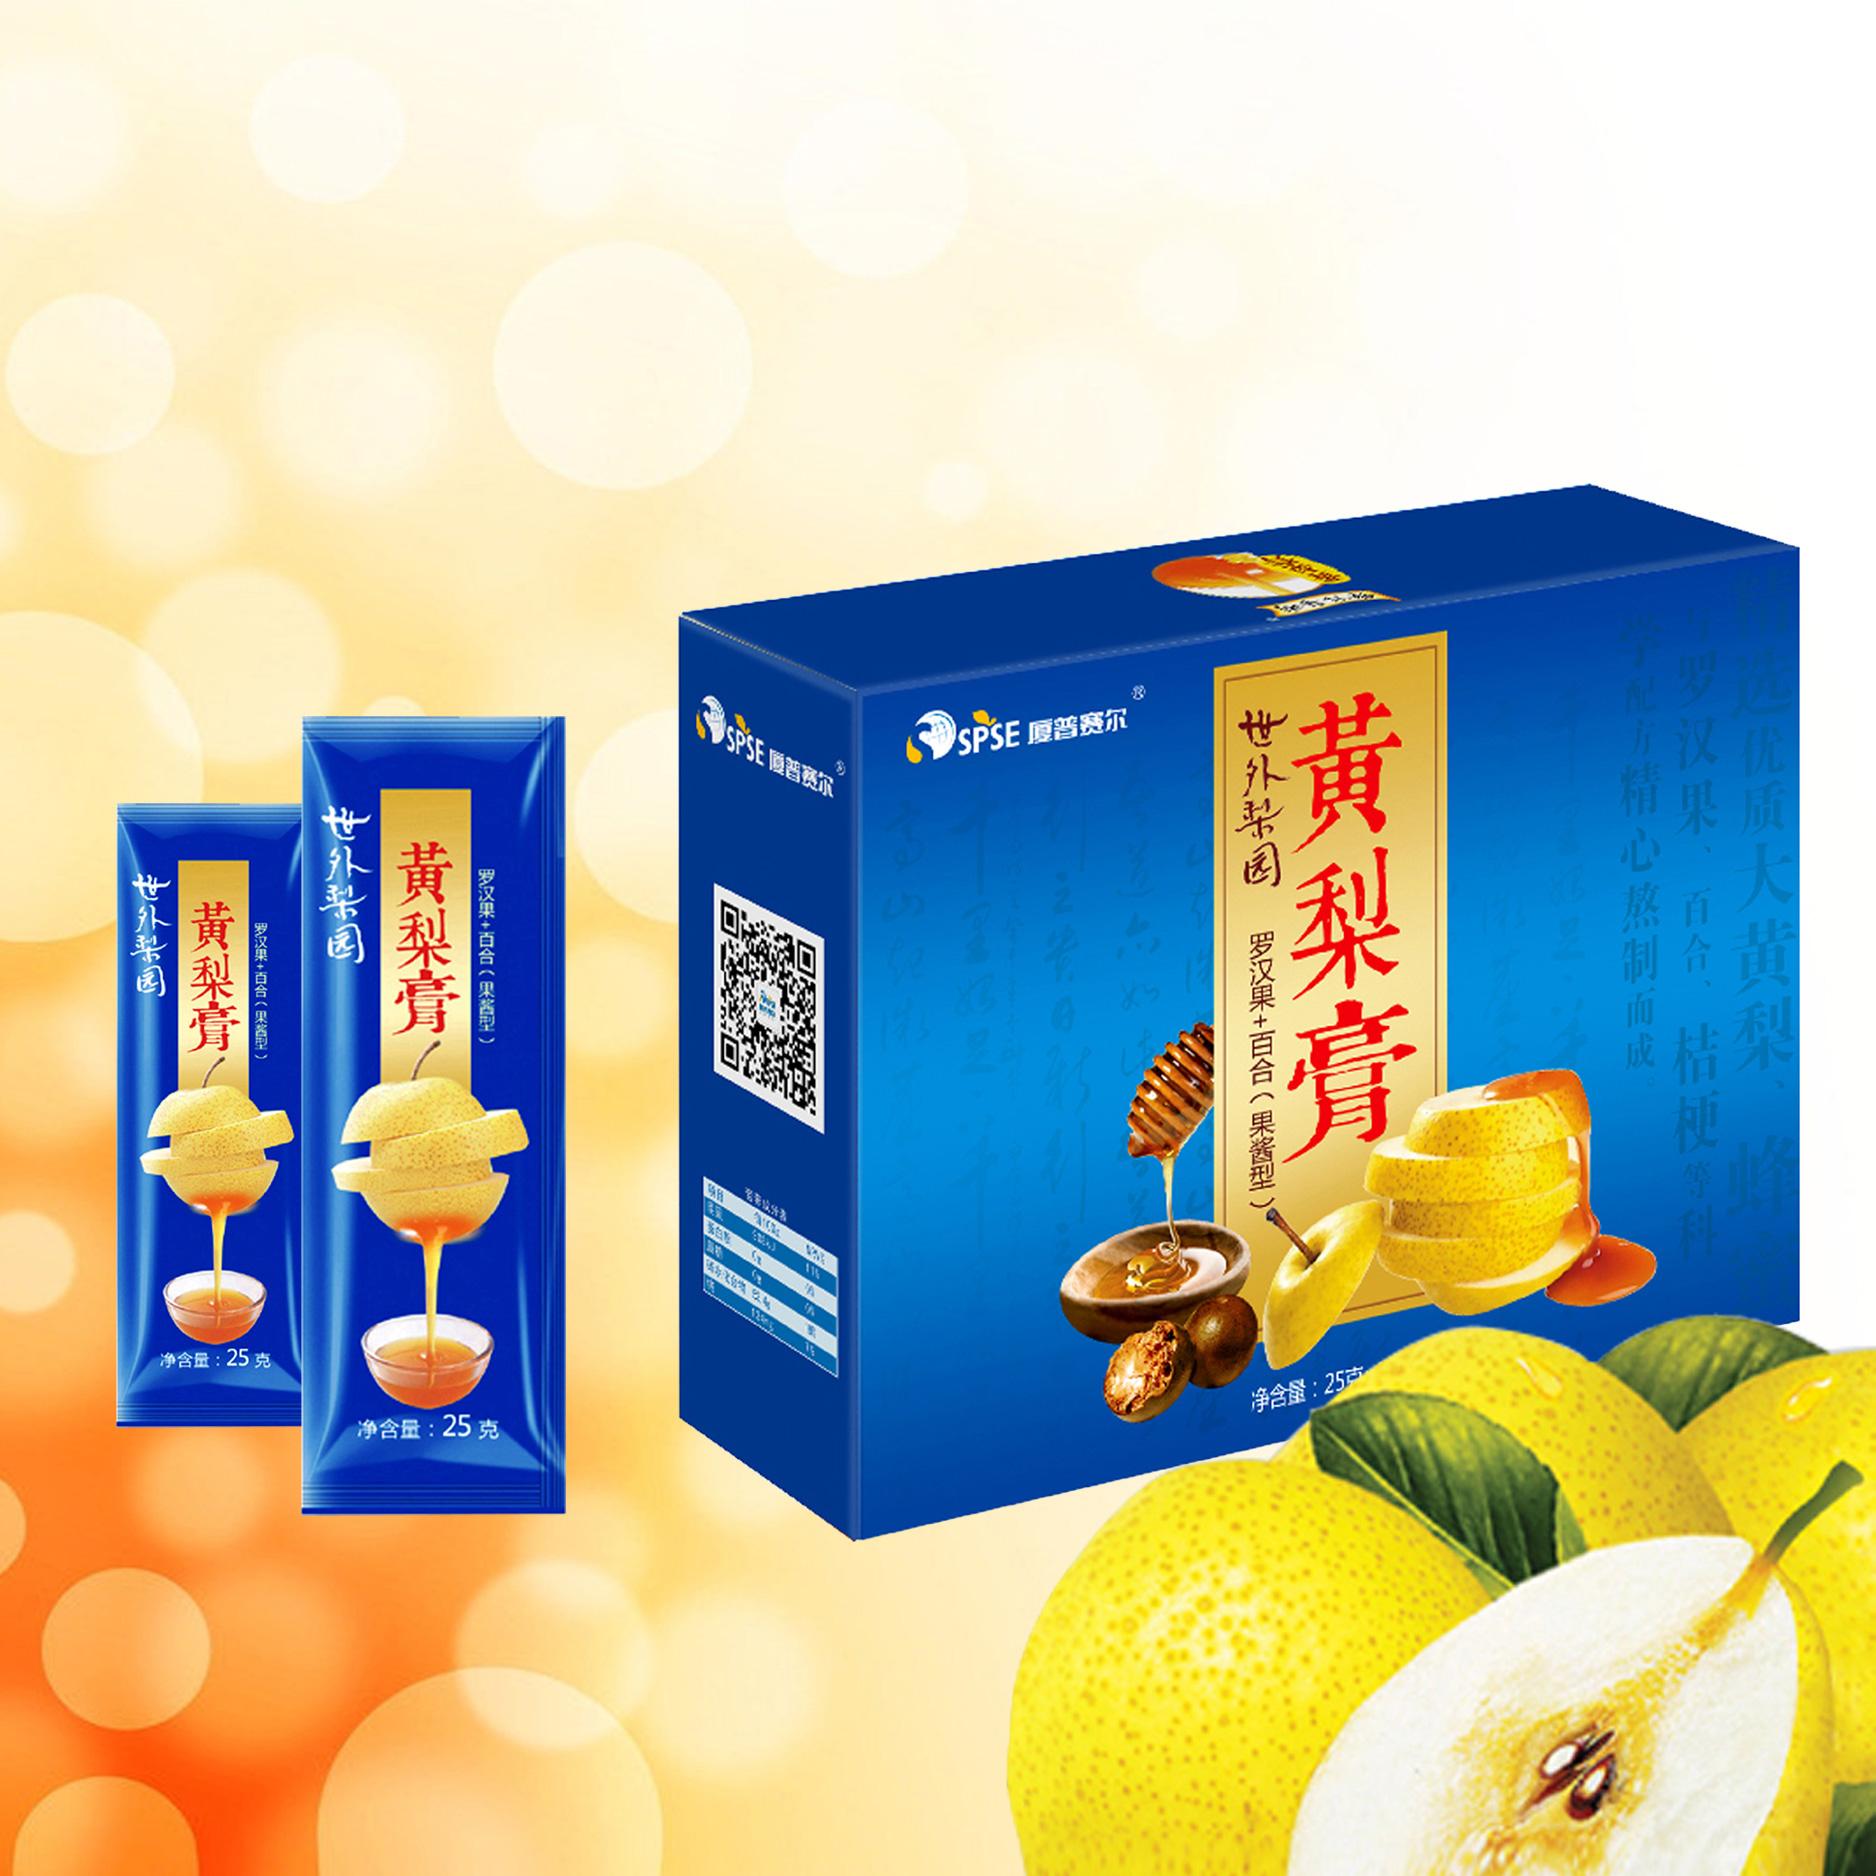 25g百合+羅漢果黃梨膏